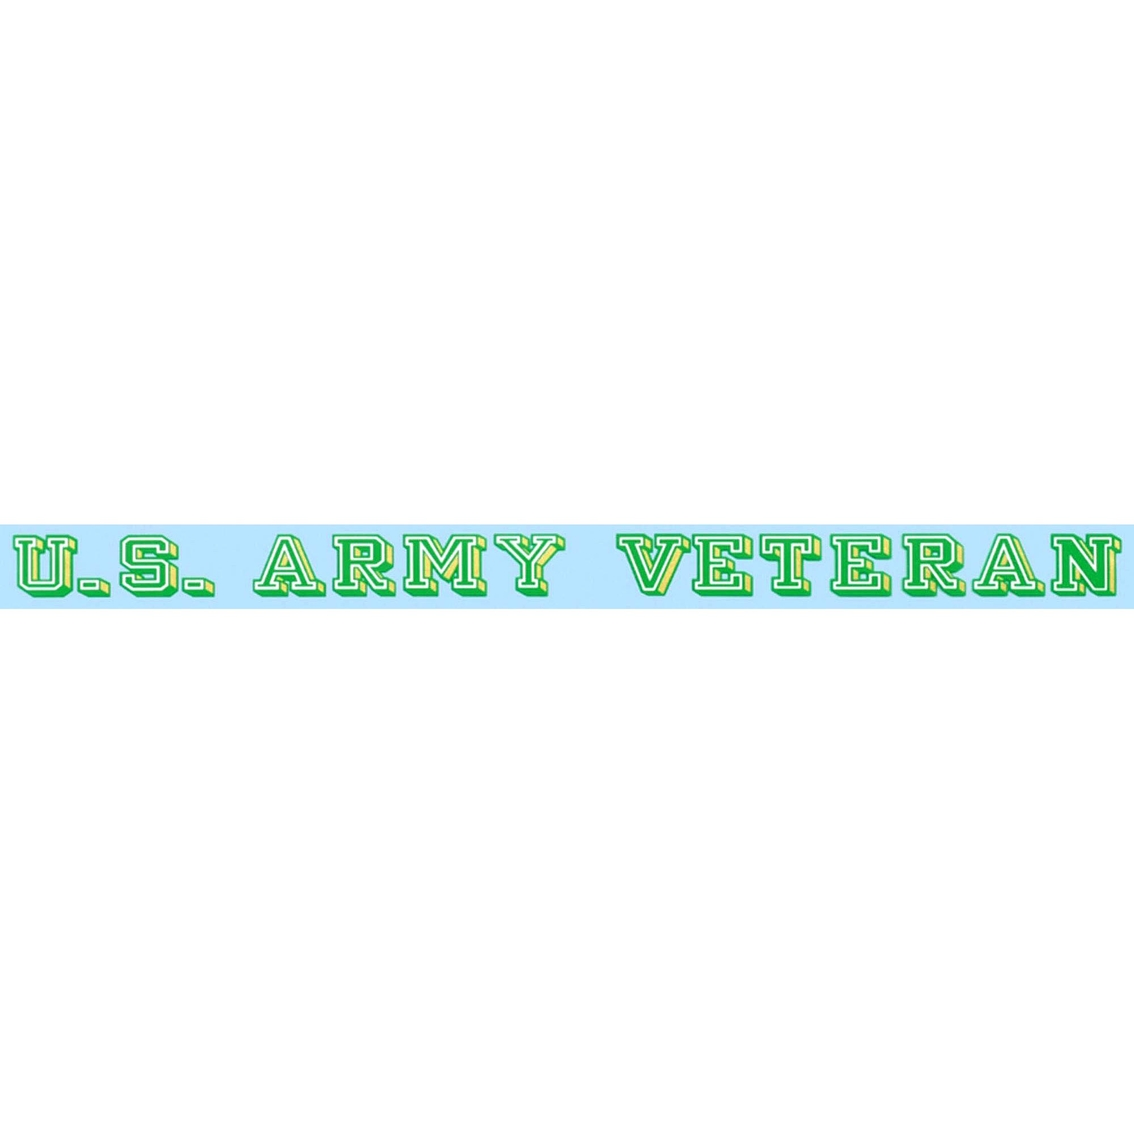 U.S Army With Star Logo Clear Window Strip Mitchell Proffitt